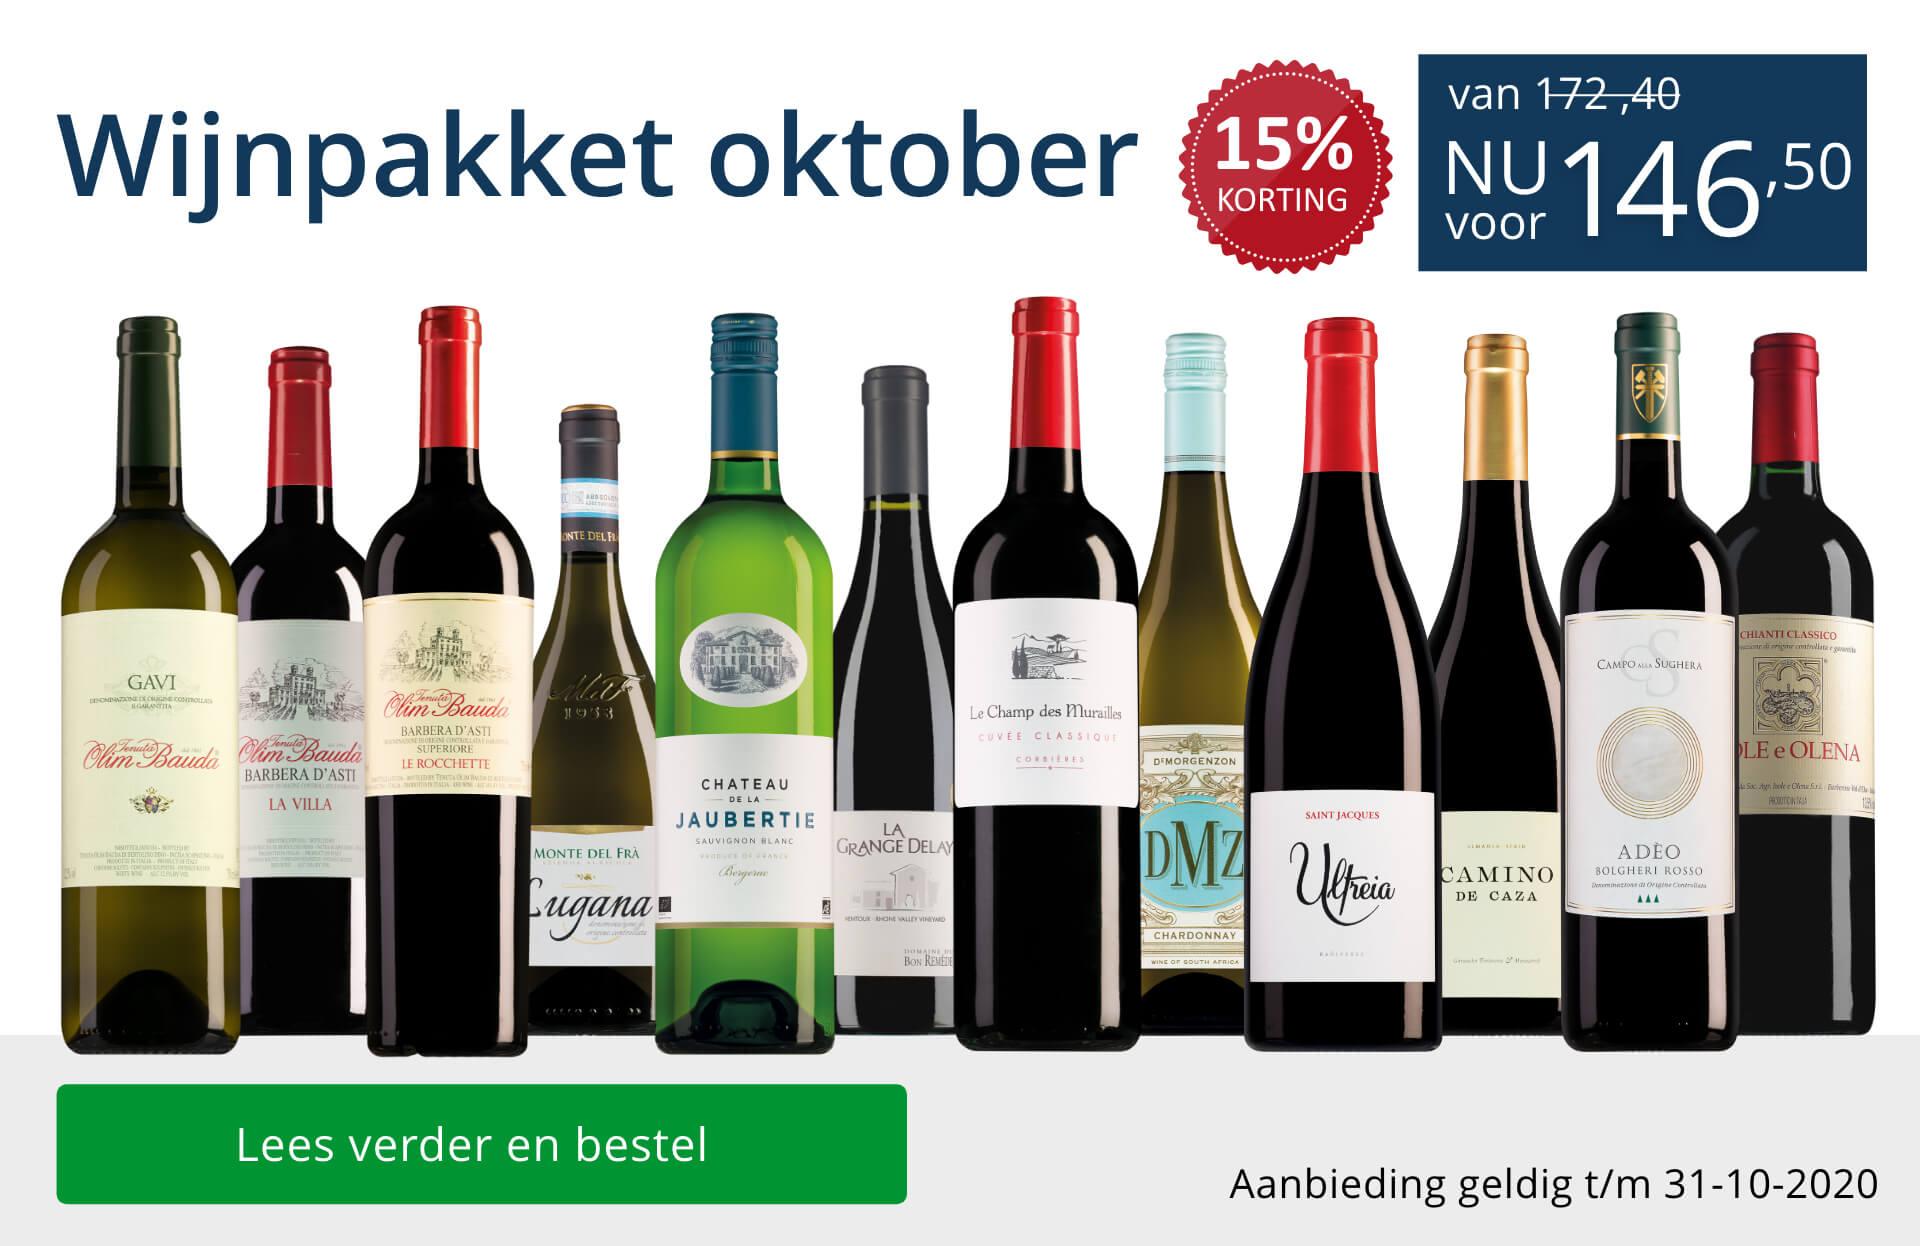 Wijnpakket wijnbericht oktober 2020 (146,50) - blauw